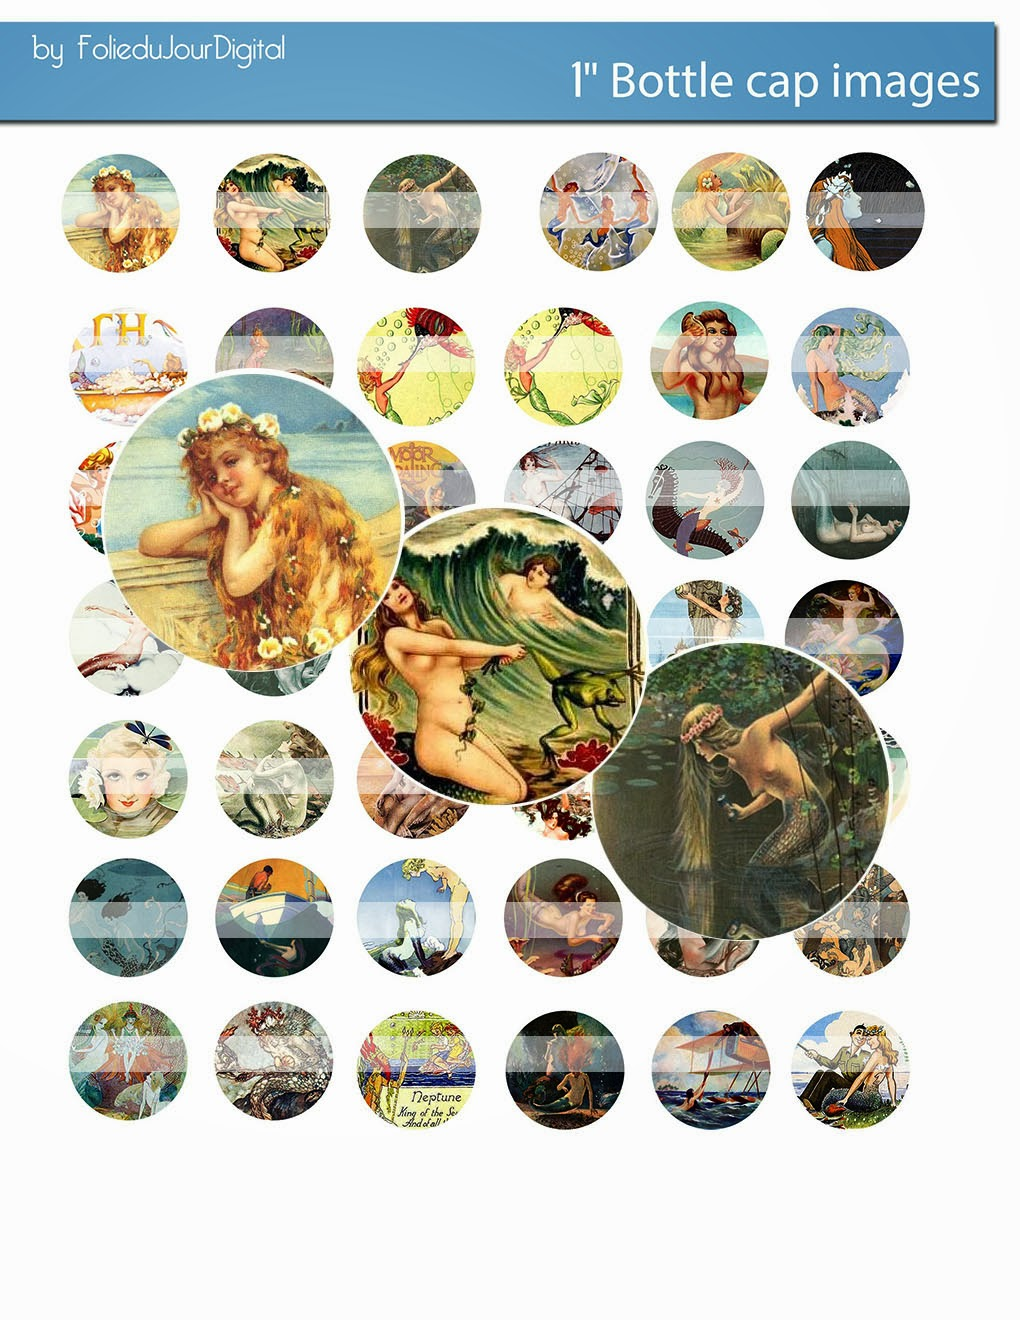 https://www.etsy.com/shop/FolieduJourDigital/search?search_query=mermaid&order=date_desc&view_type=gallery&ref=shop_search